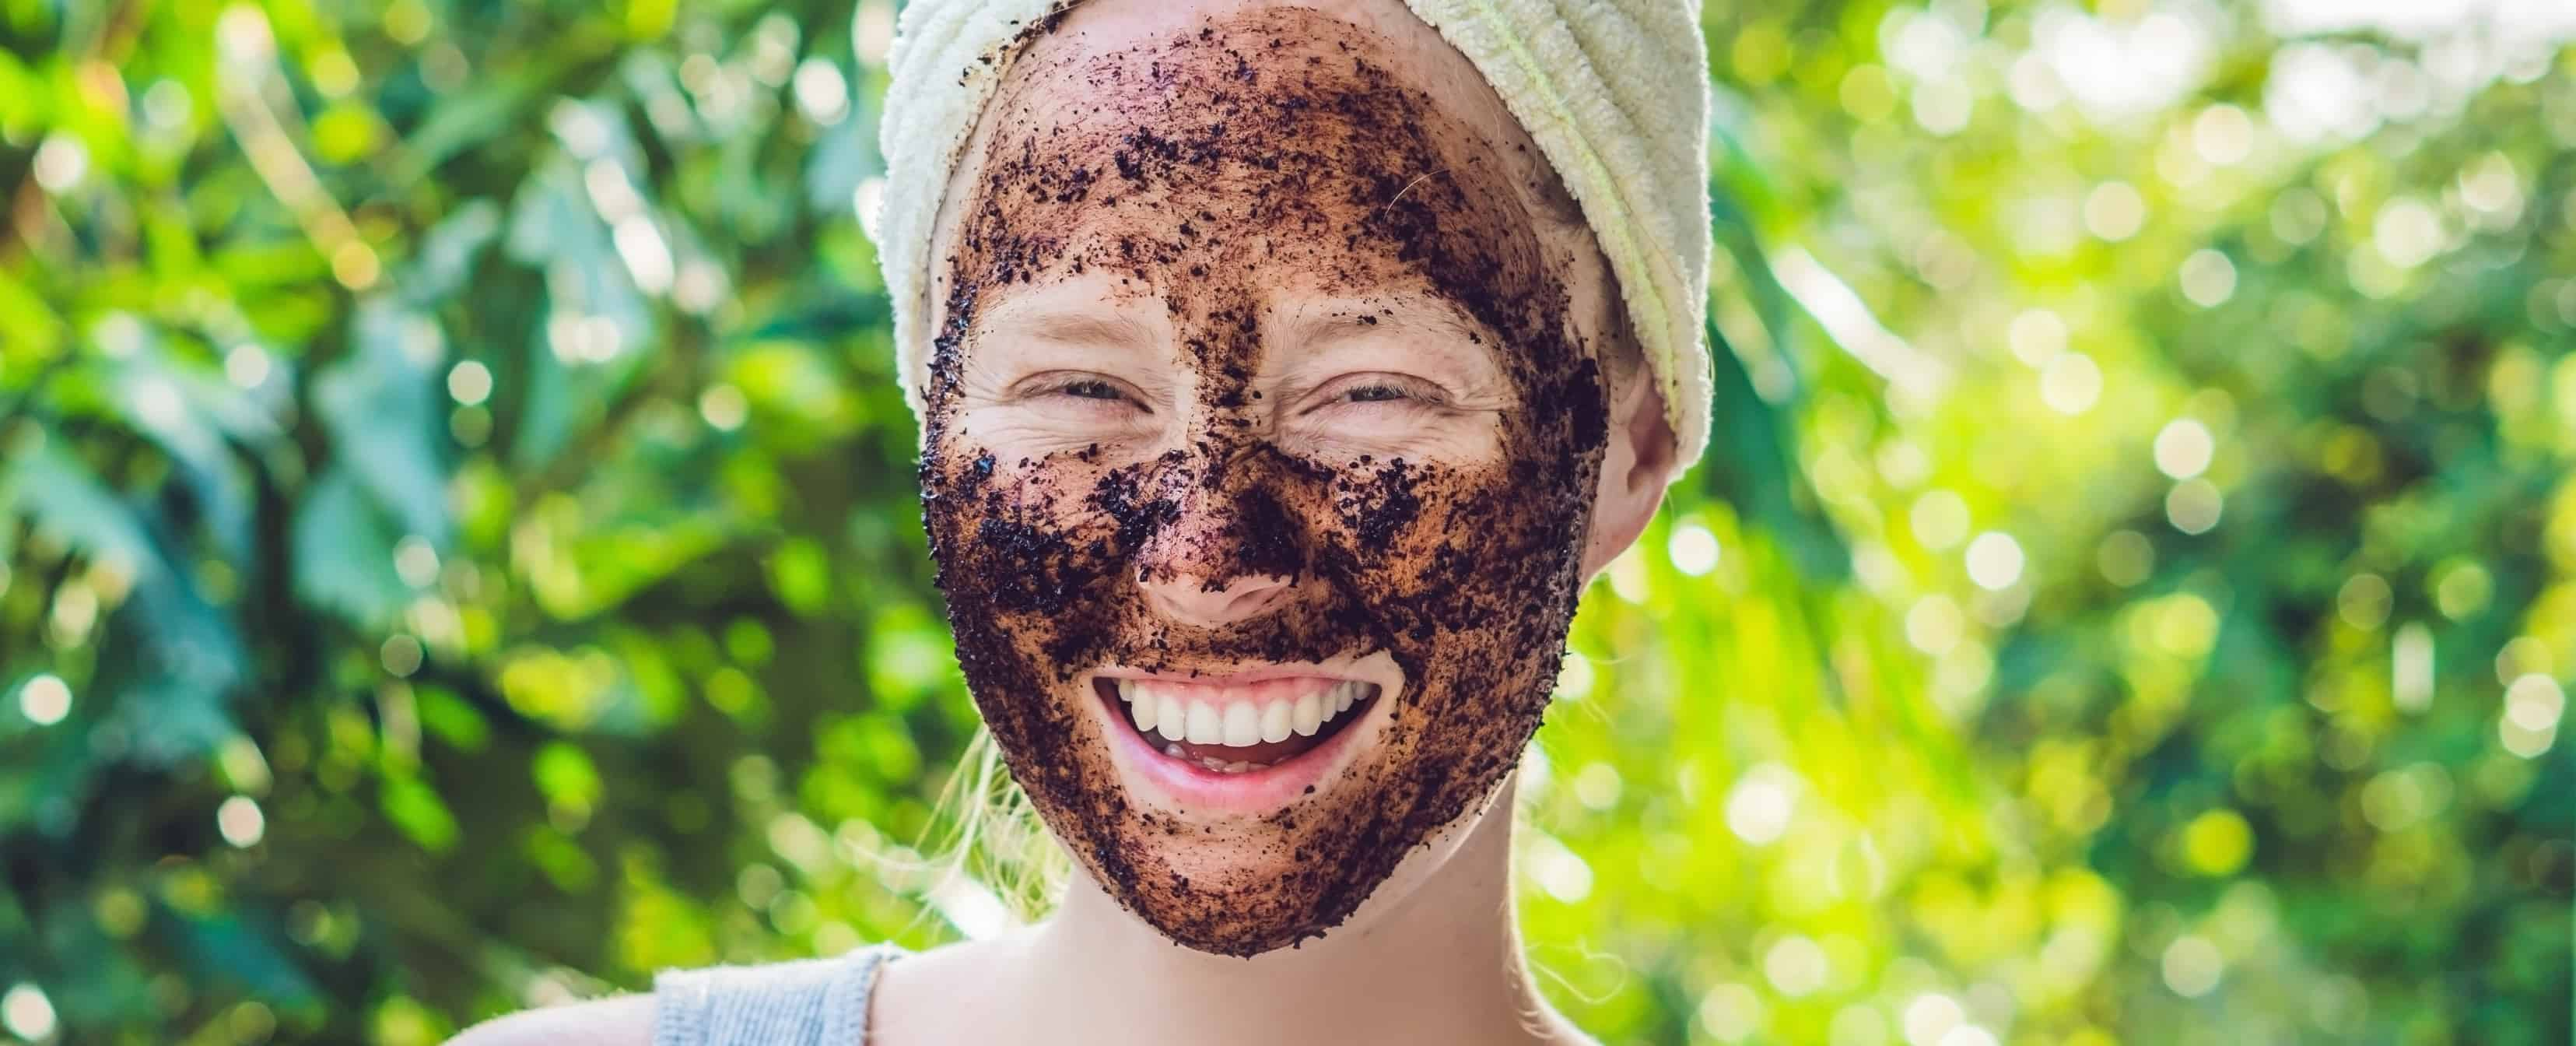 Esfoliante facial: Qual é o melhor de 2021?